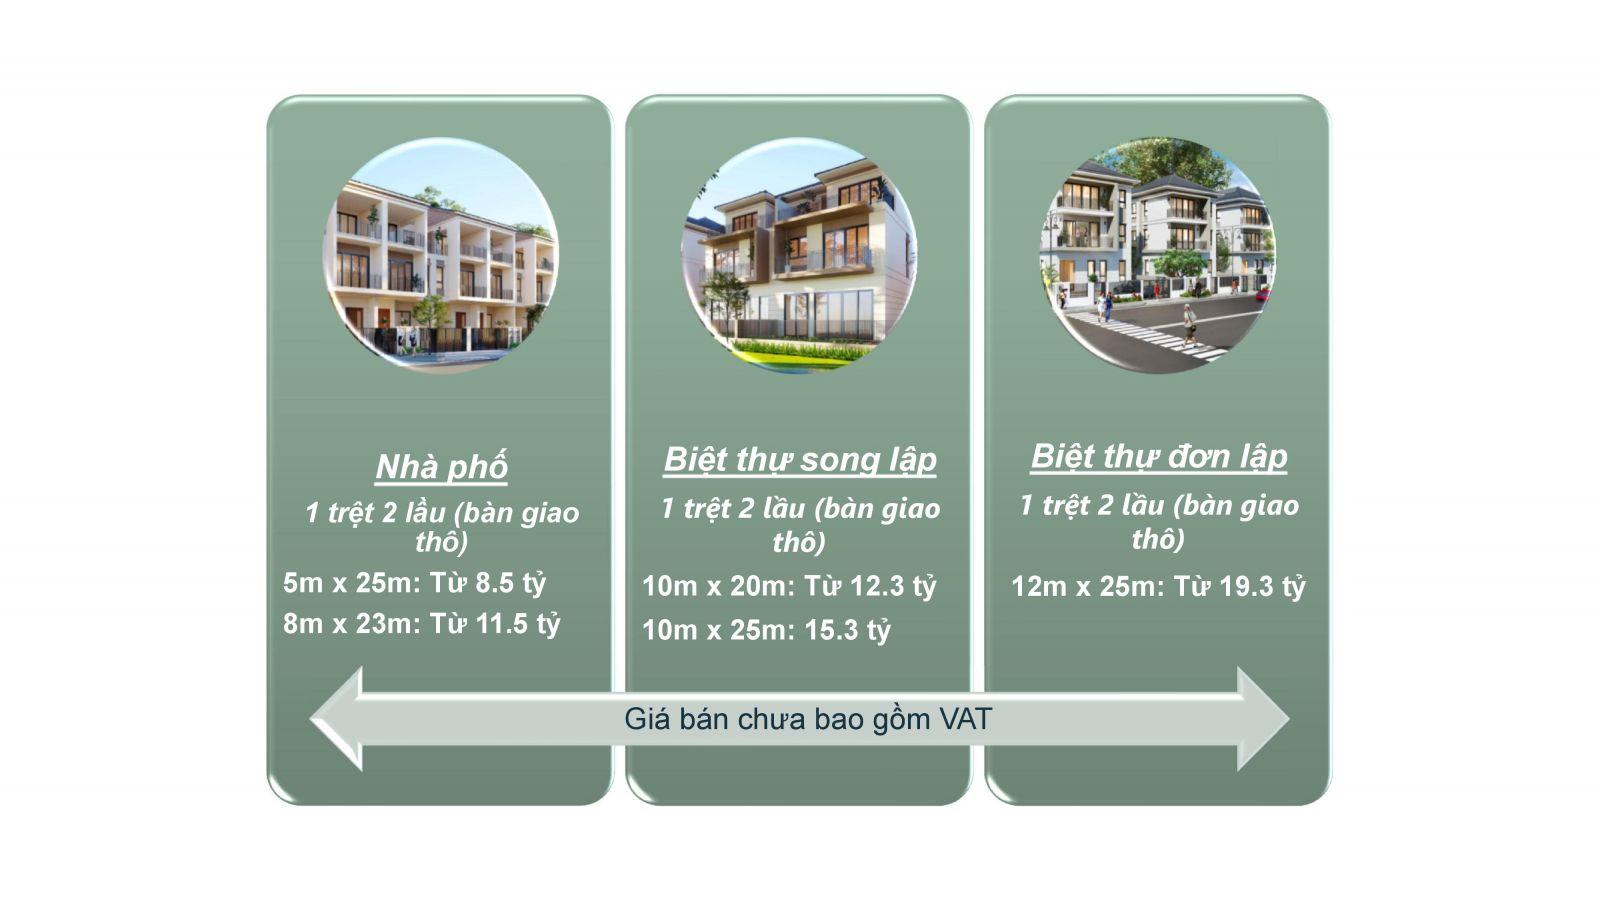 bảng giá tham khảo dự án palm marina